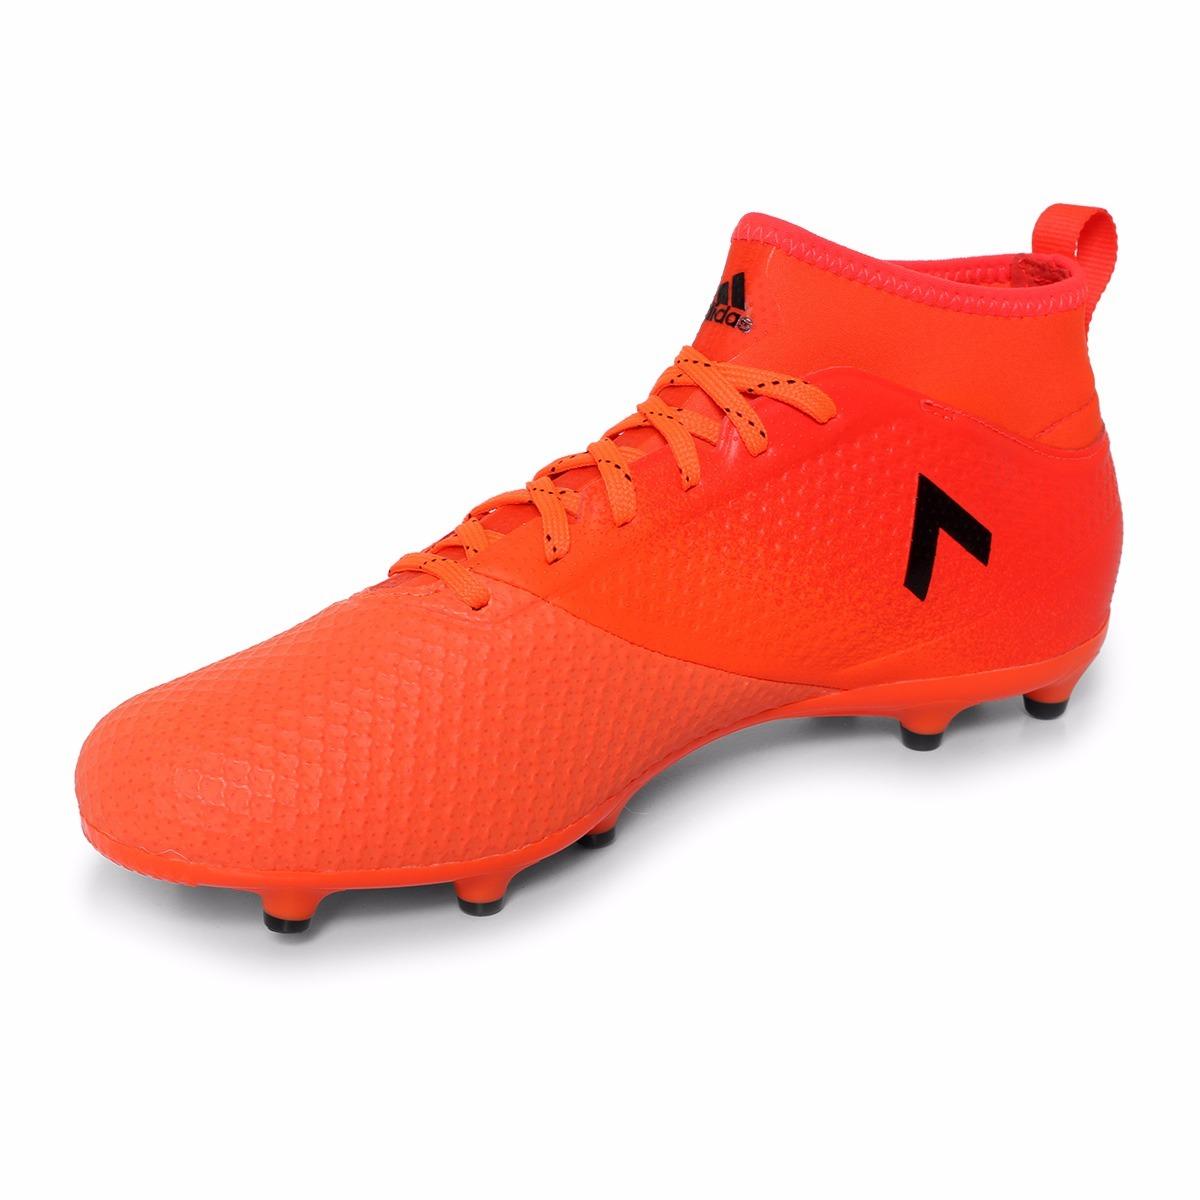 67b575ea20e82 taquetes de futbol adidas ace 17.3 naranja y negro original! Cargando zoom.